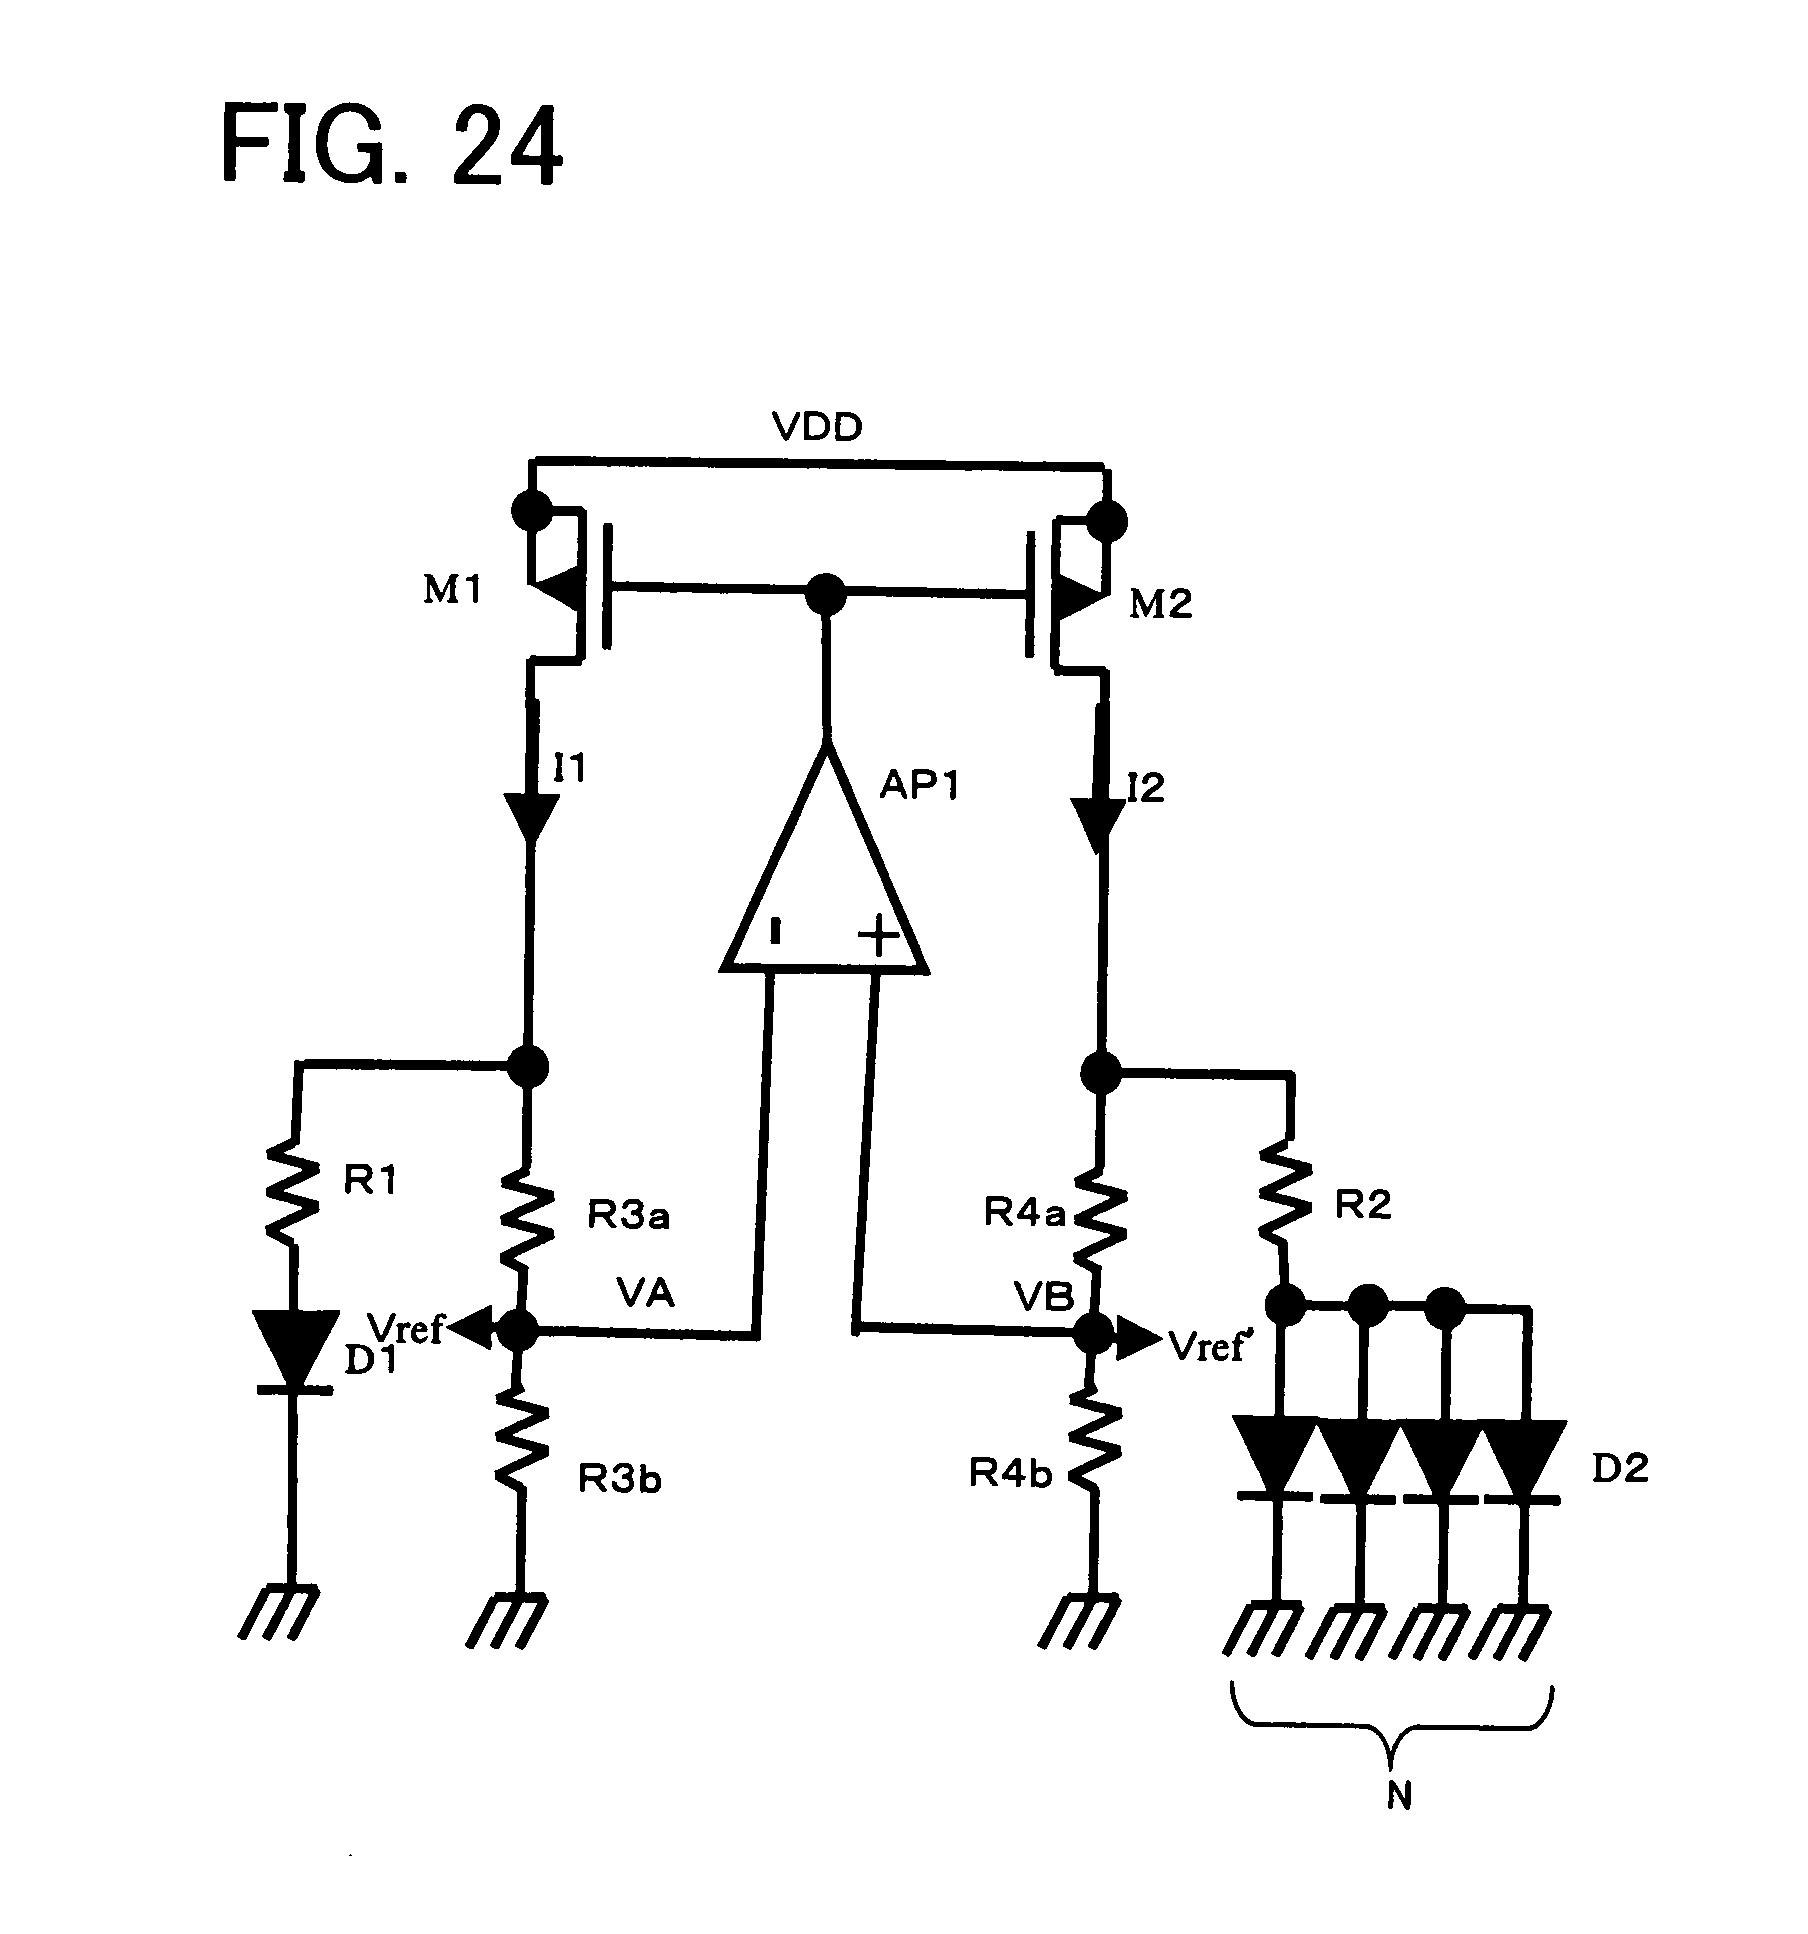 Wiring Diagram For Guitar Speaker Cabinet Best Wiring Diagram For Guitar Speaker Cab Detoxmeinfo Marshall Best